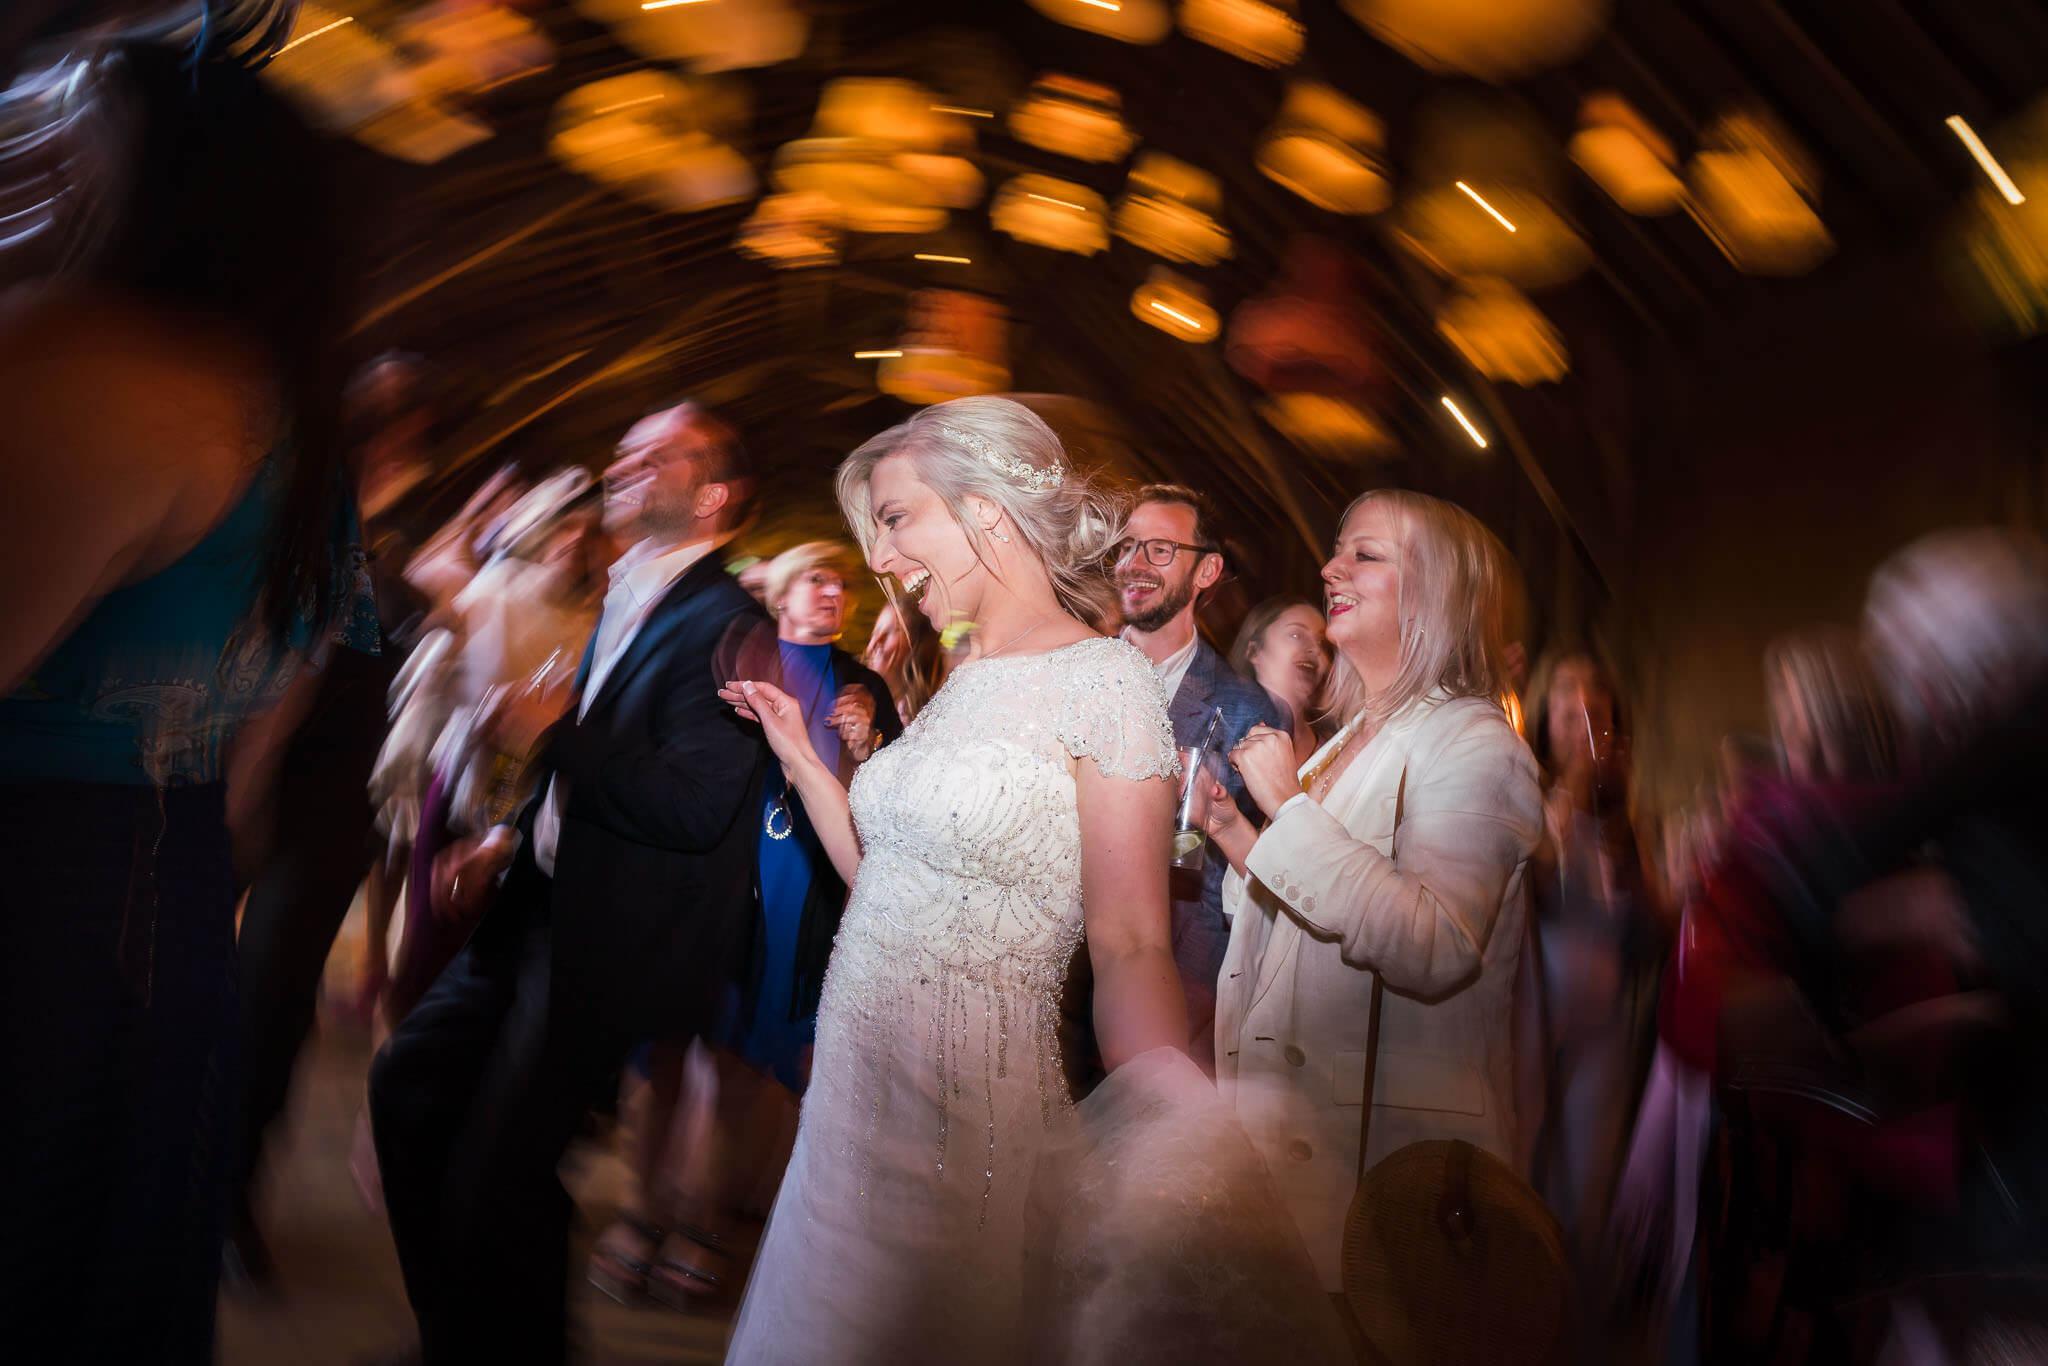 Wiltshire wedding photographer, Wick Bottom Barn Wedding Photography, Bride dancing